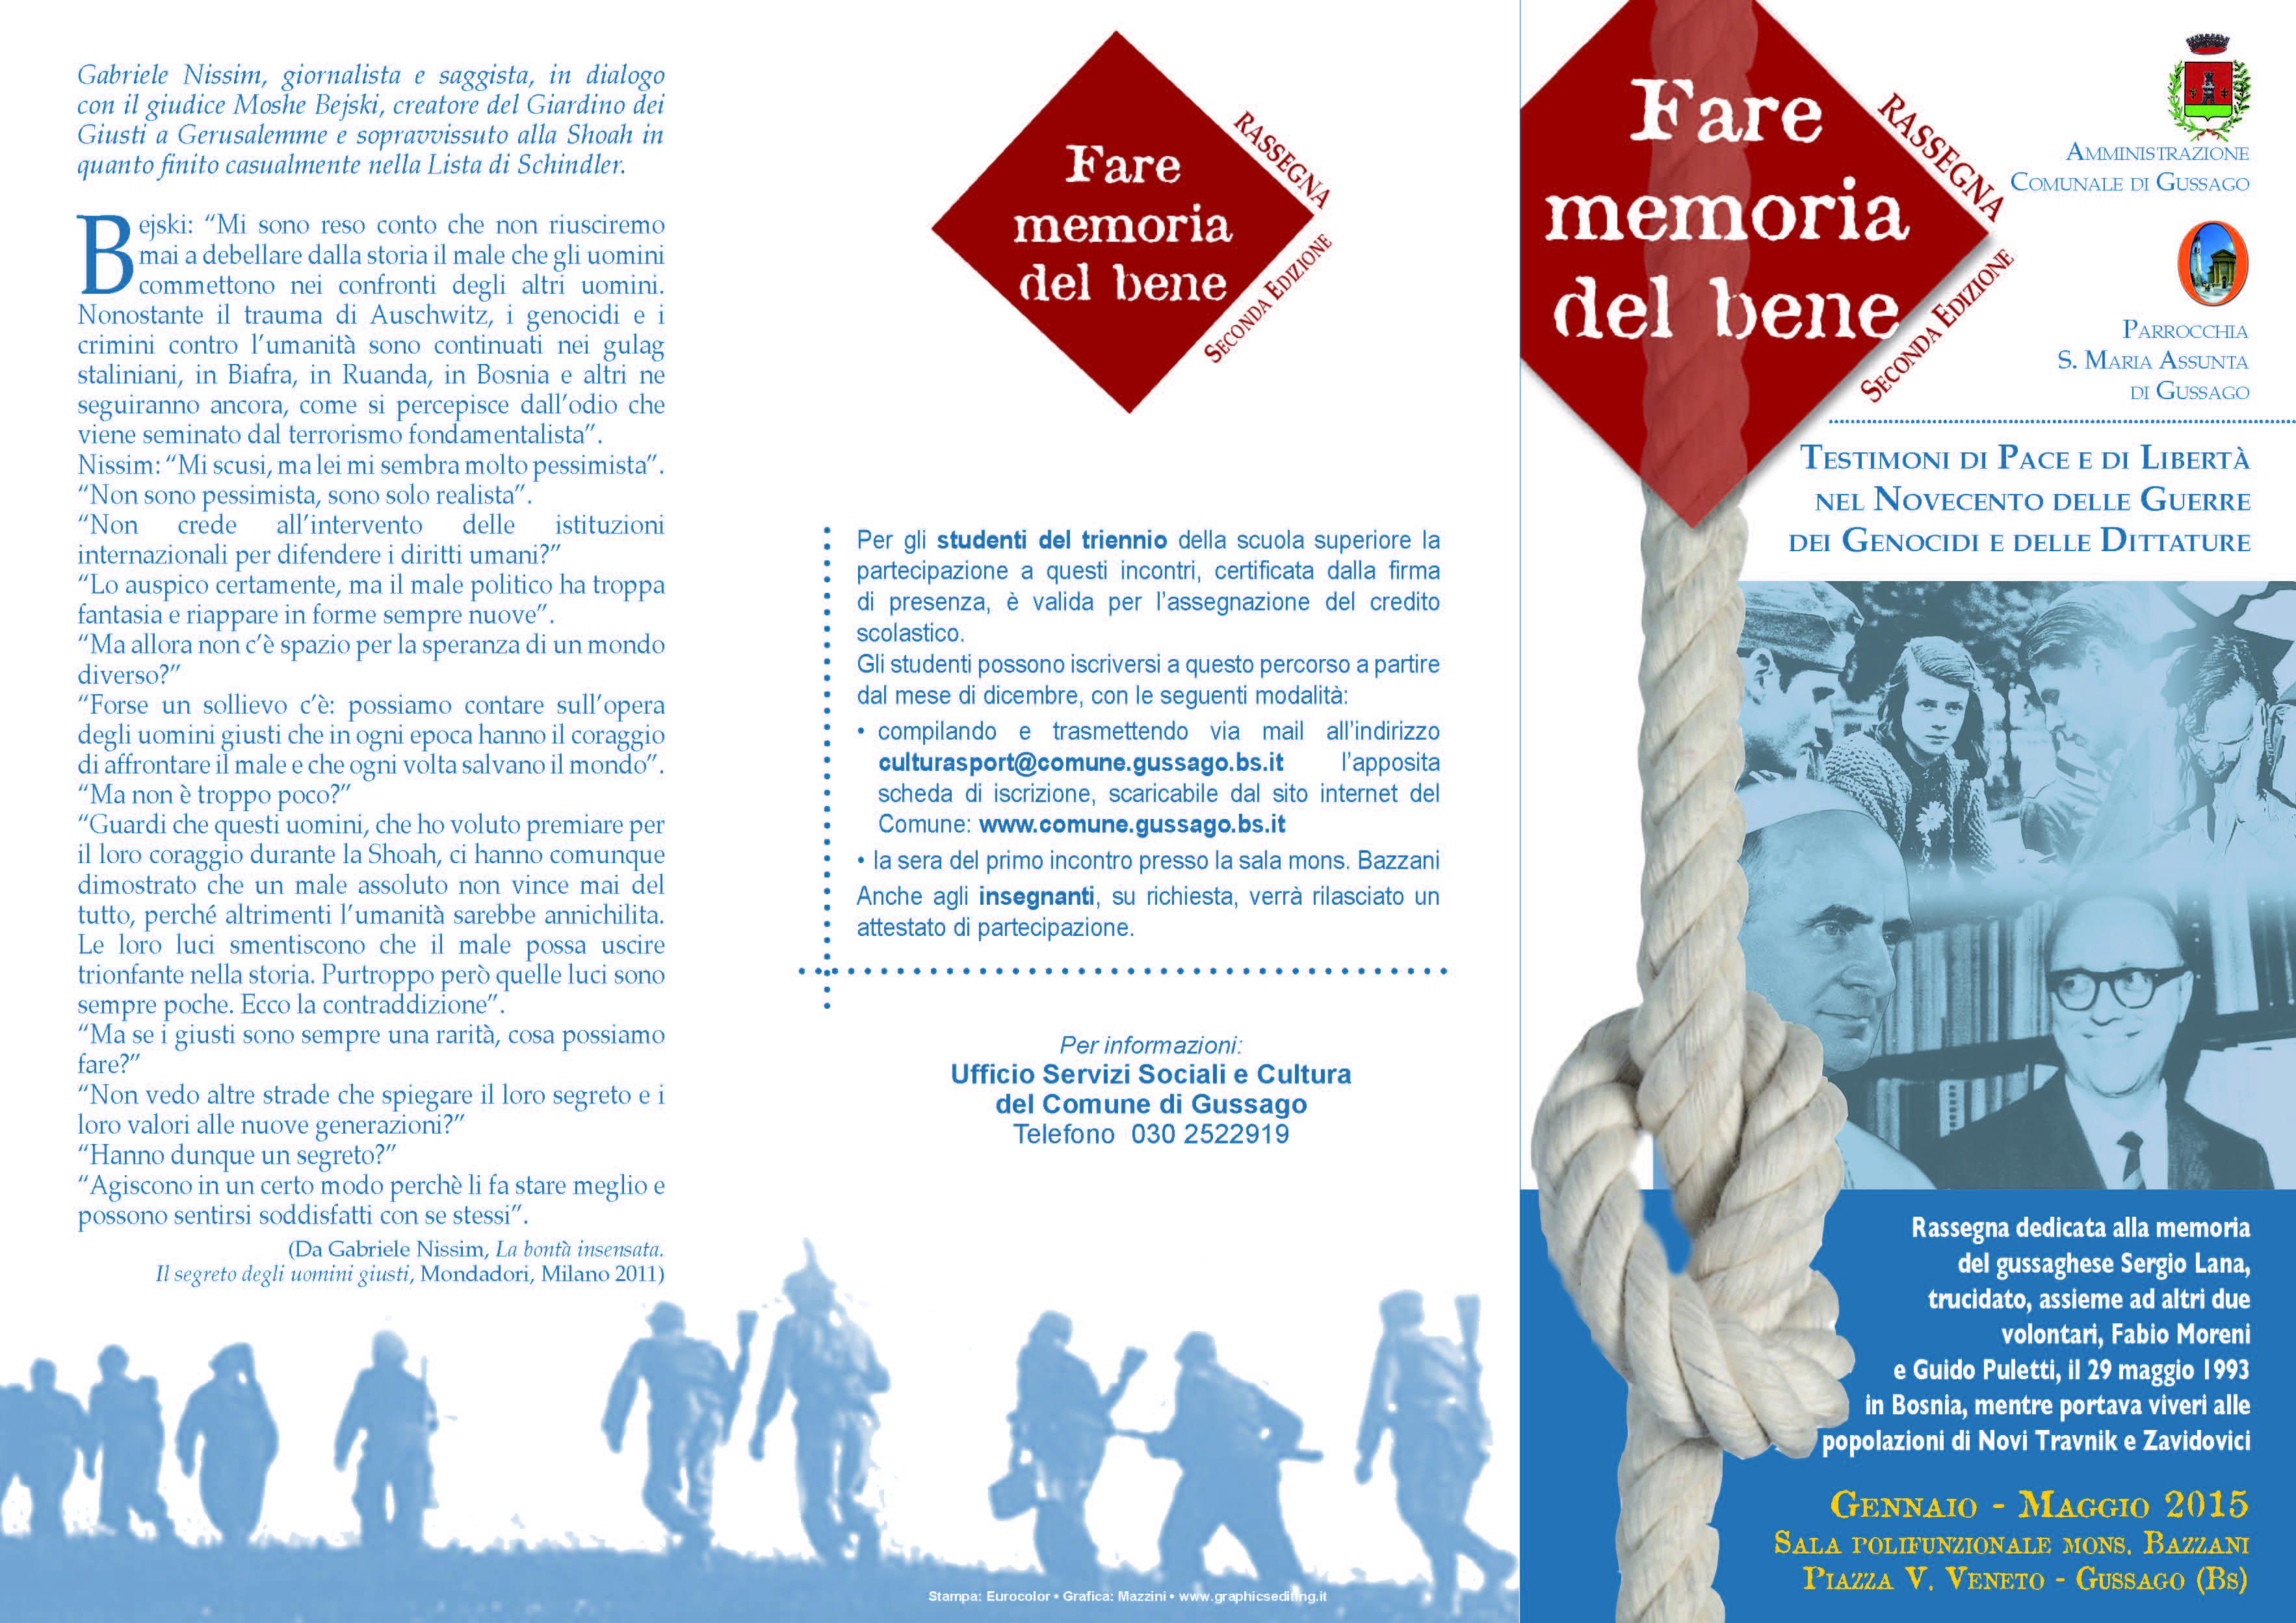 Brescia 28 maggio 1974 associazione casa della memoria for Pdf del programma della casa